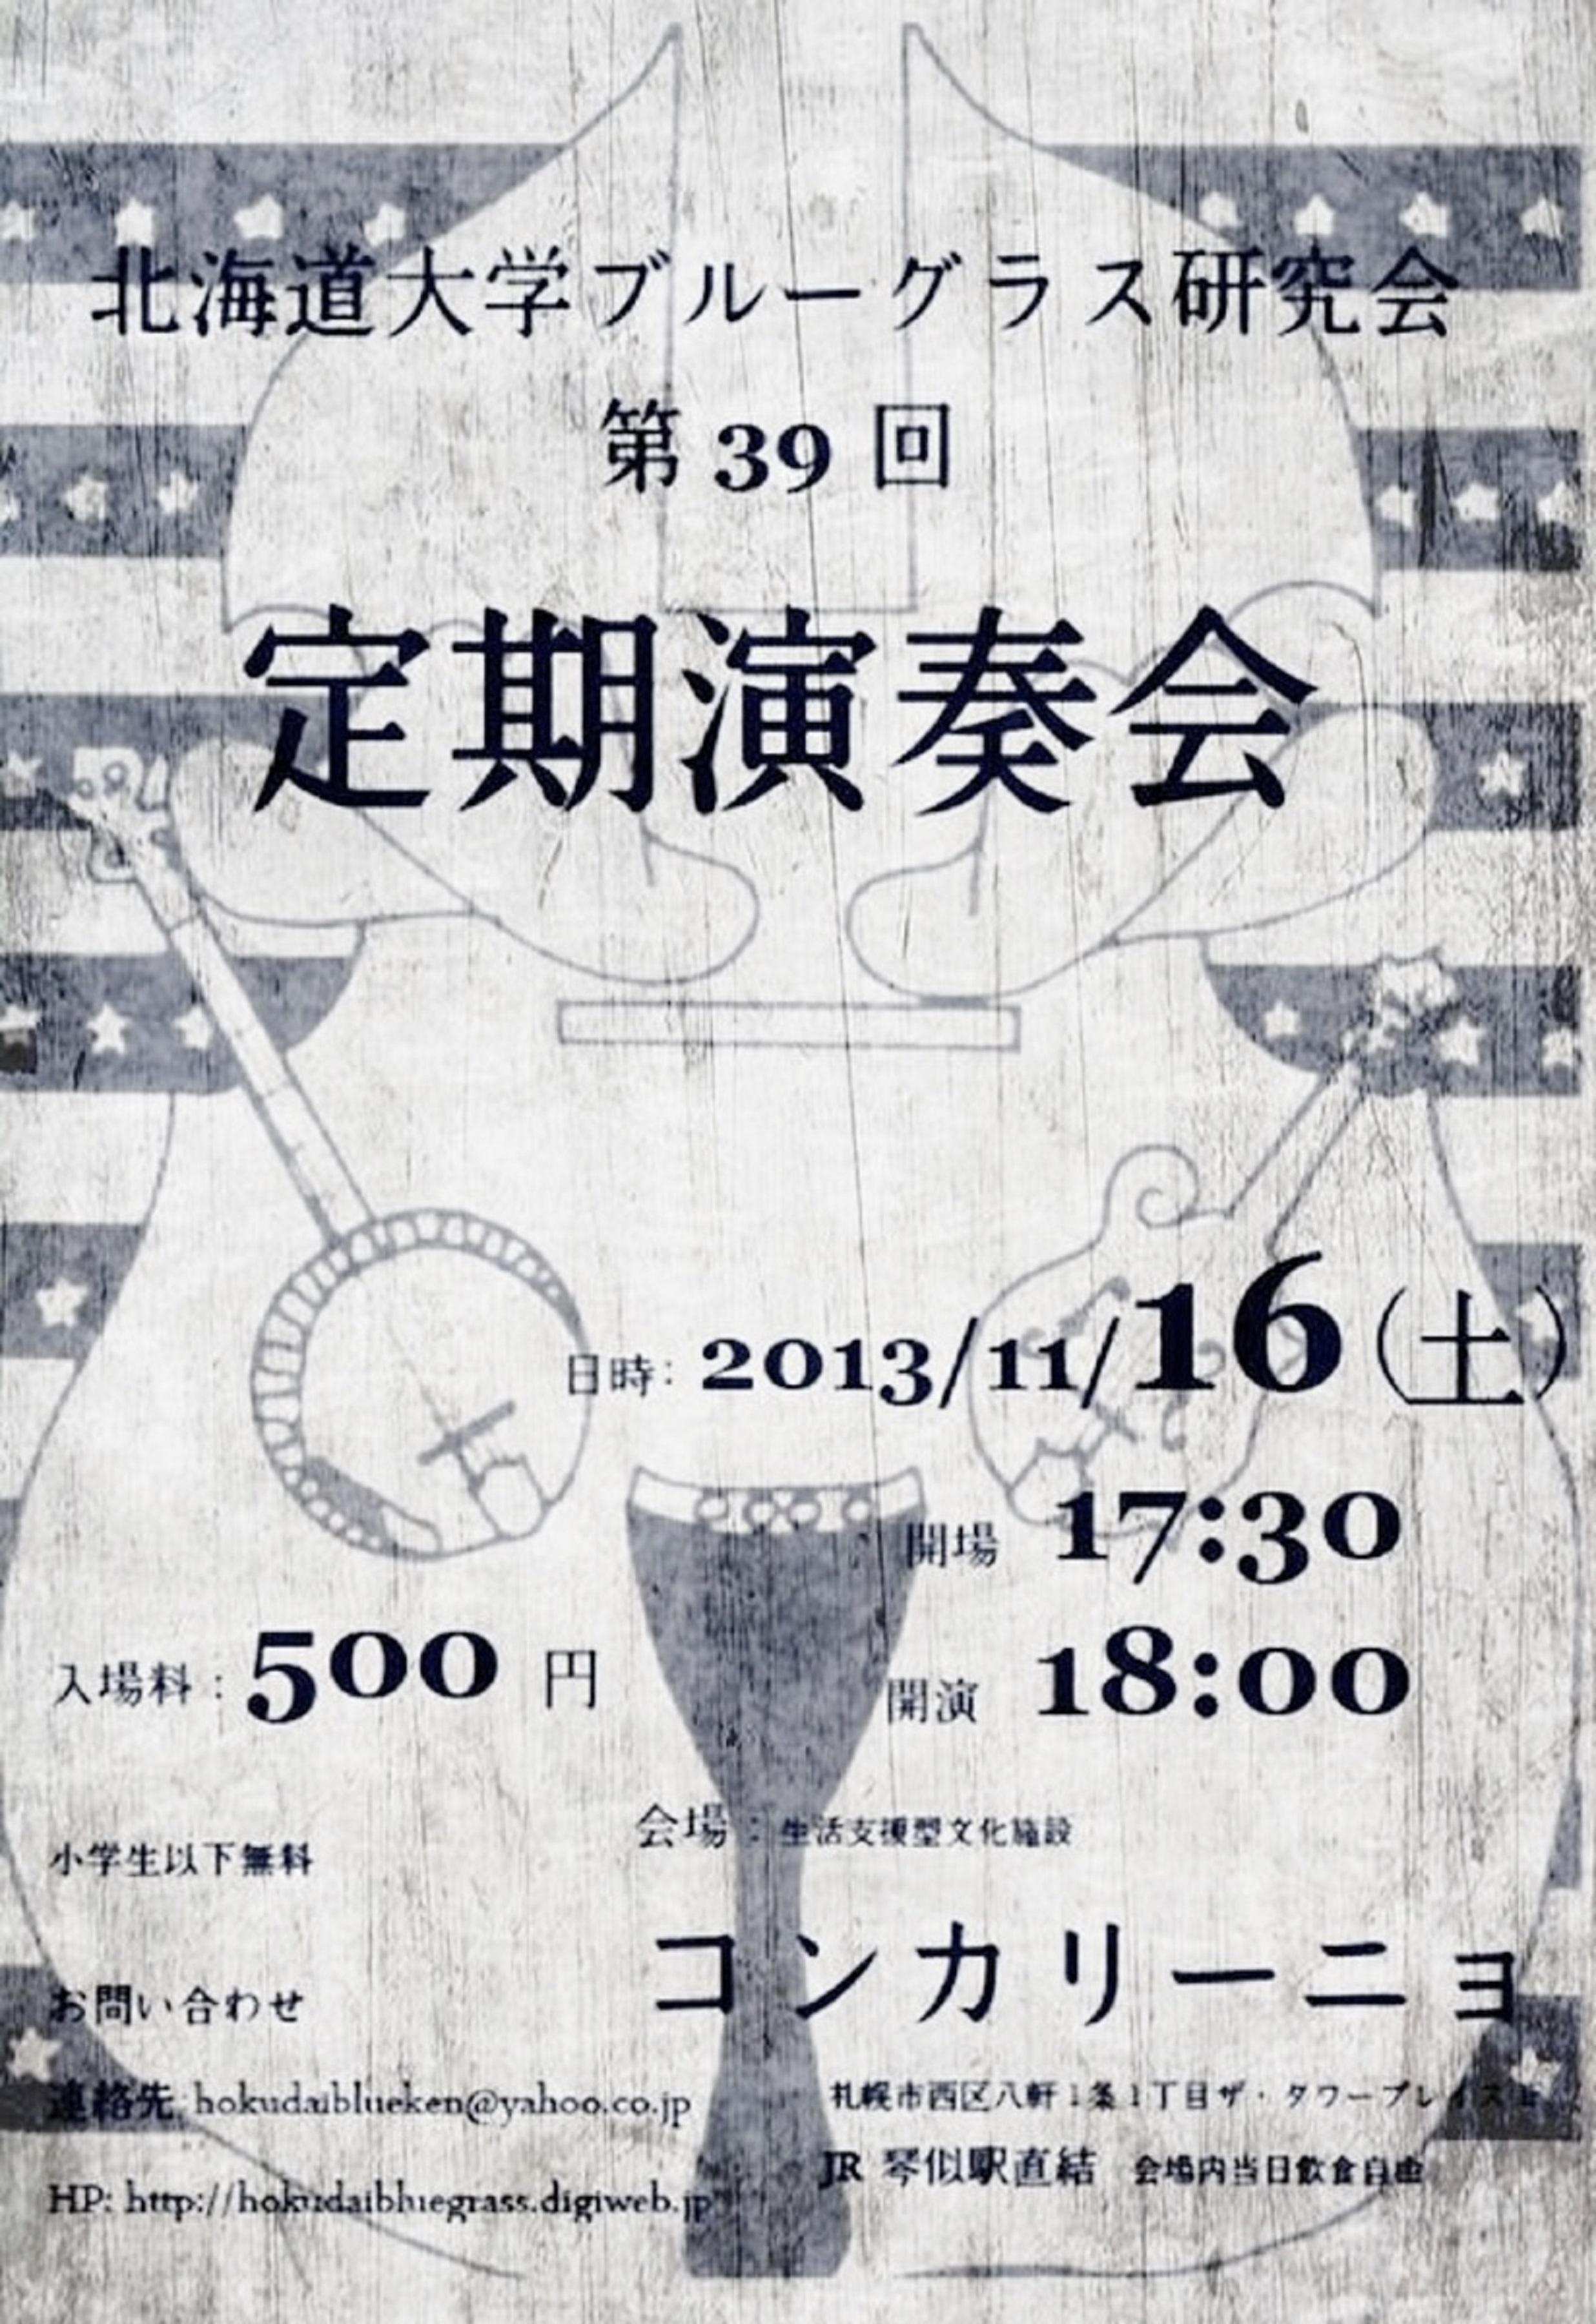 ブル研定演ポスター2013